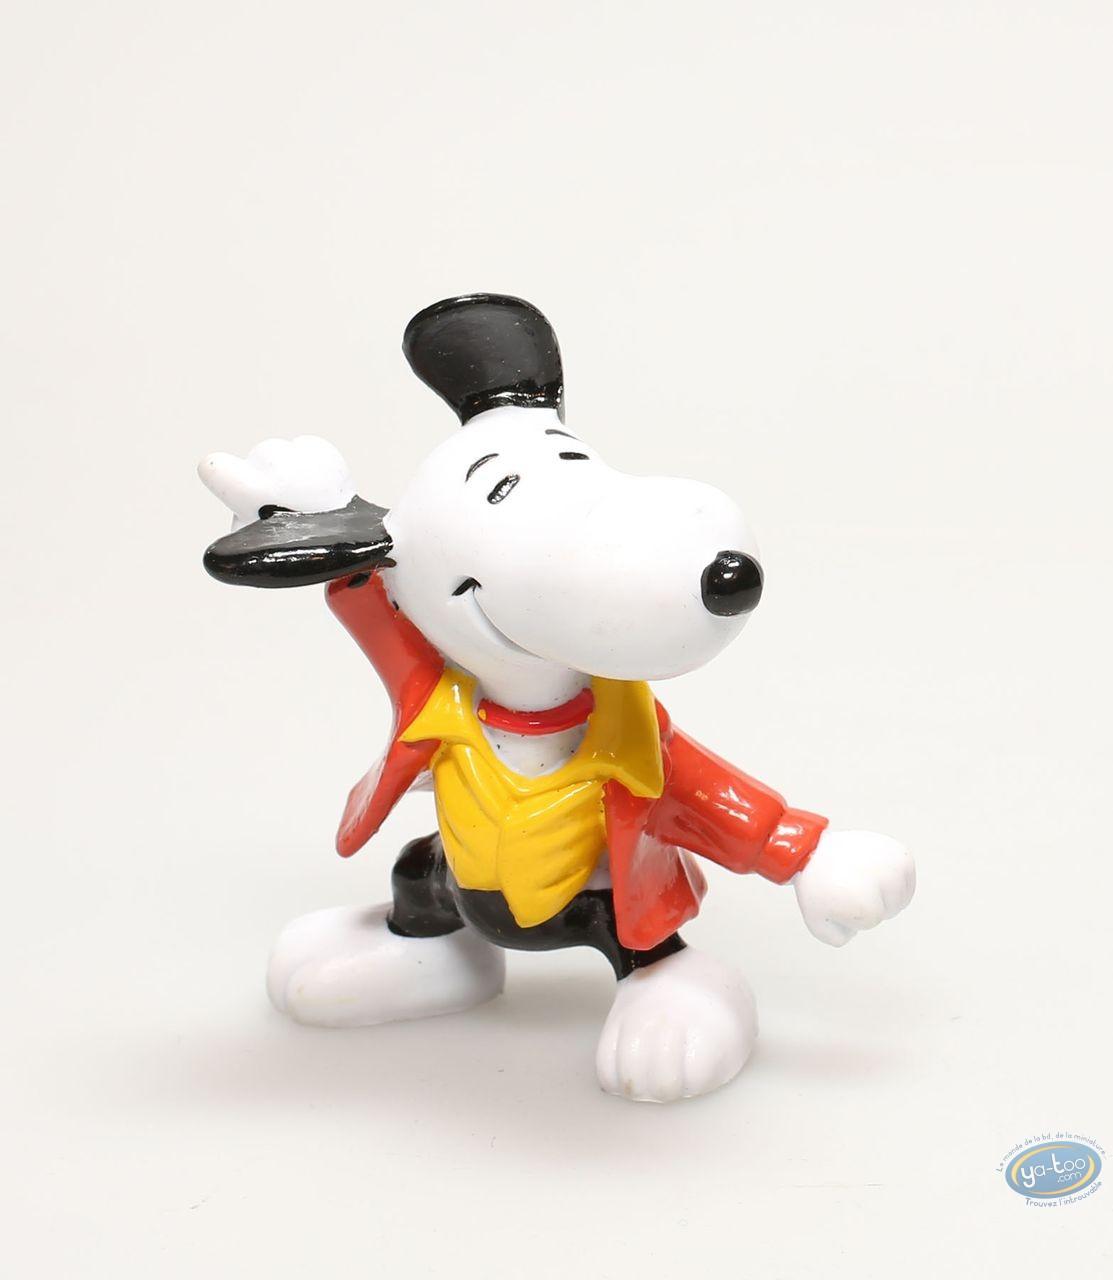 Figurine plastique, Snoopy : Snoopy danseur disco